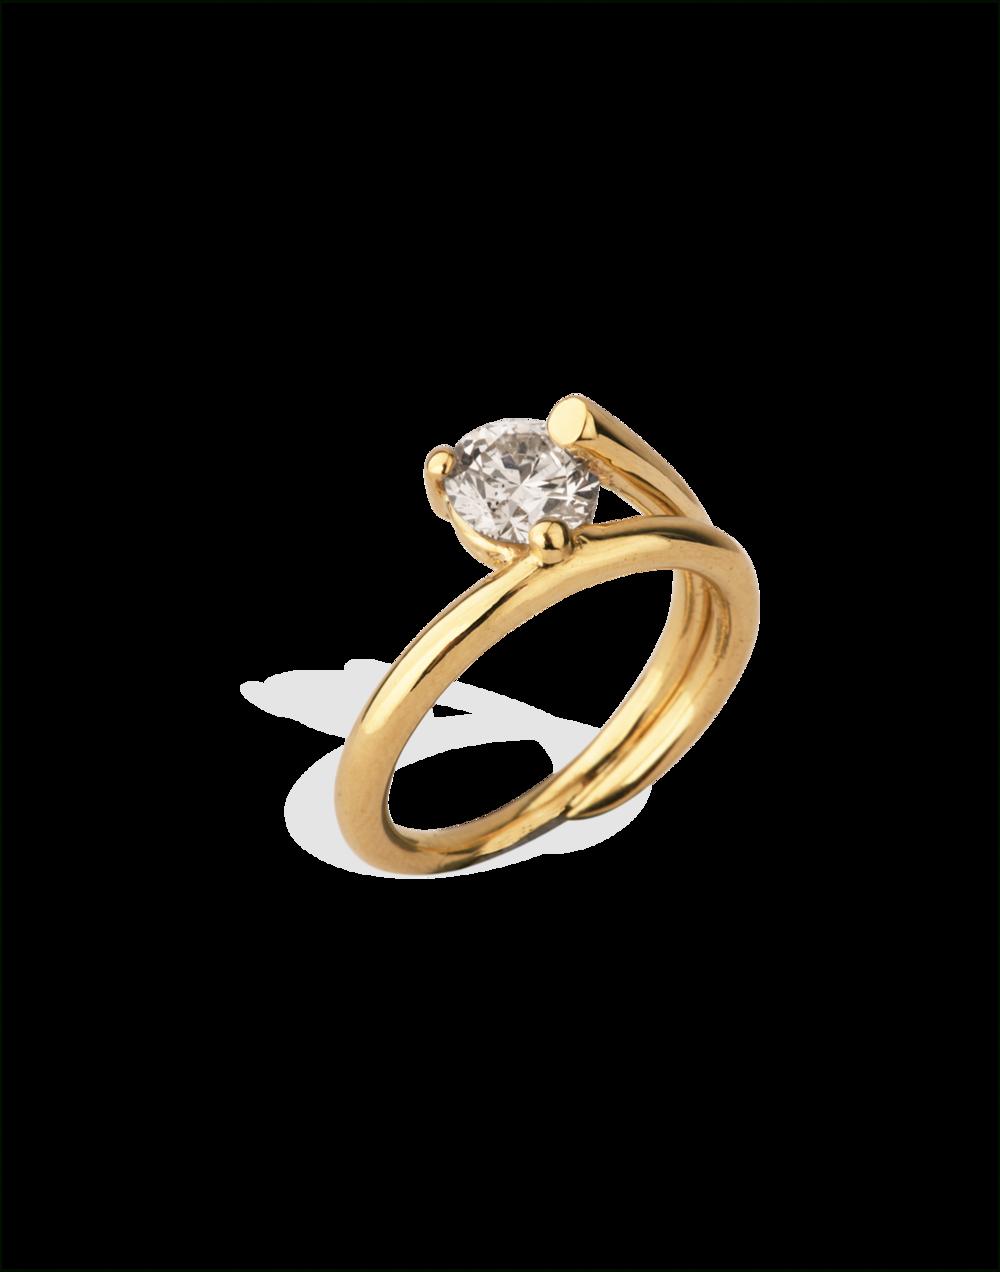 Completedworks-Subverted-Flower-Bridal-Ring-5-1.png